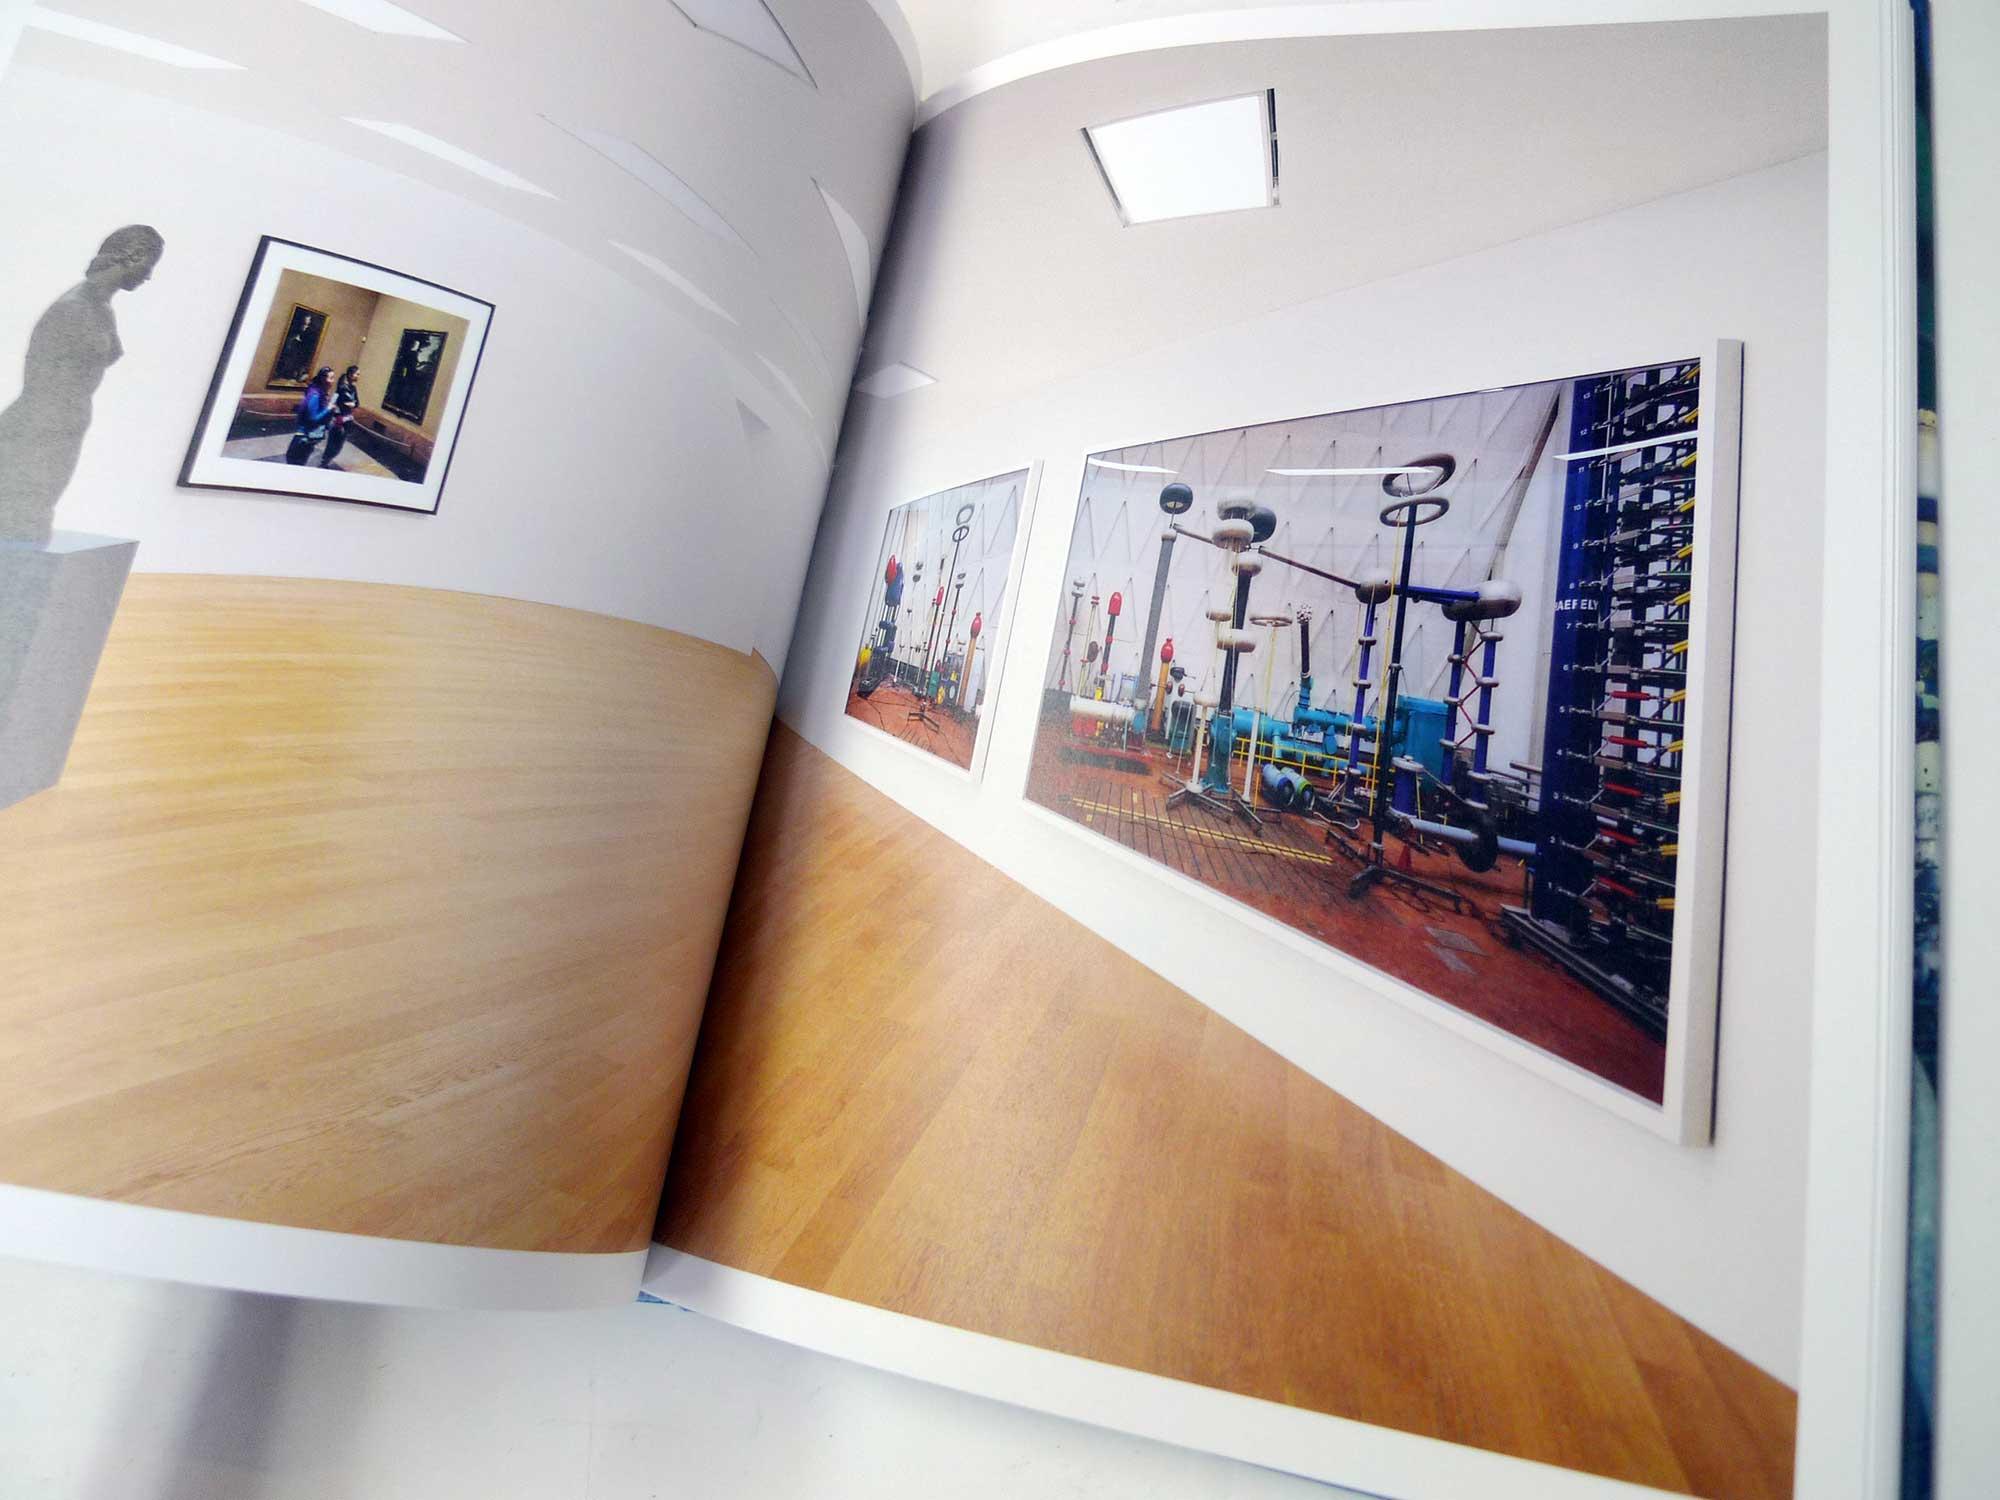 書店員がピックアップする7月のおすすめ写真集【Shelf編】 | トーマス・シュトゥルート『Composition '19』